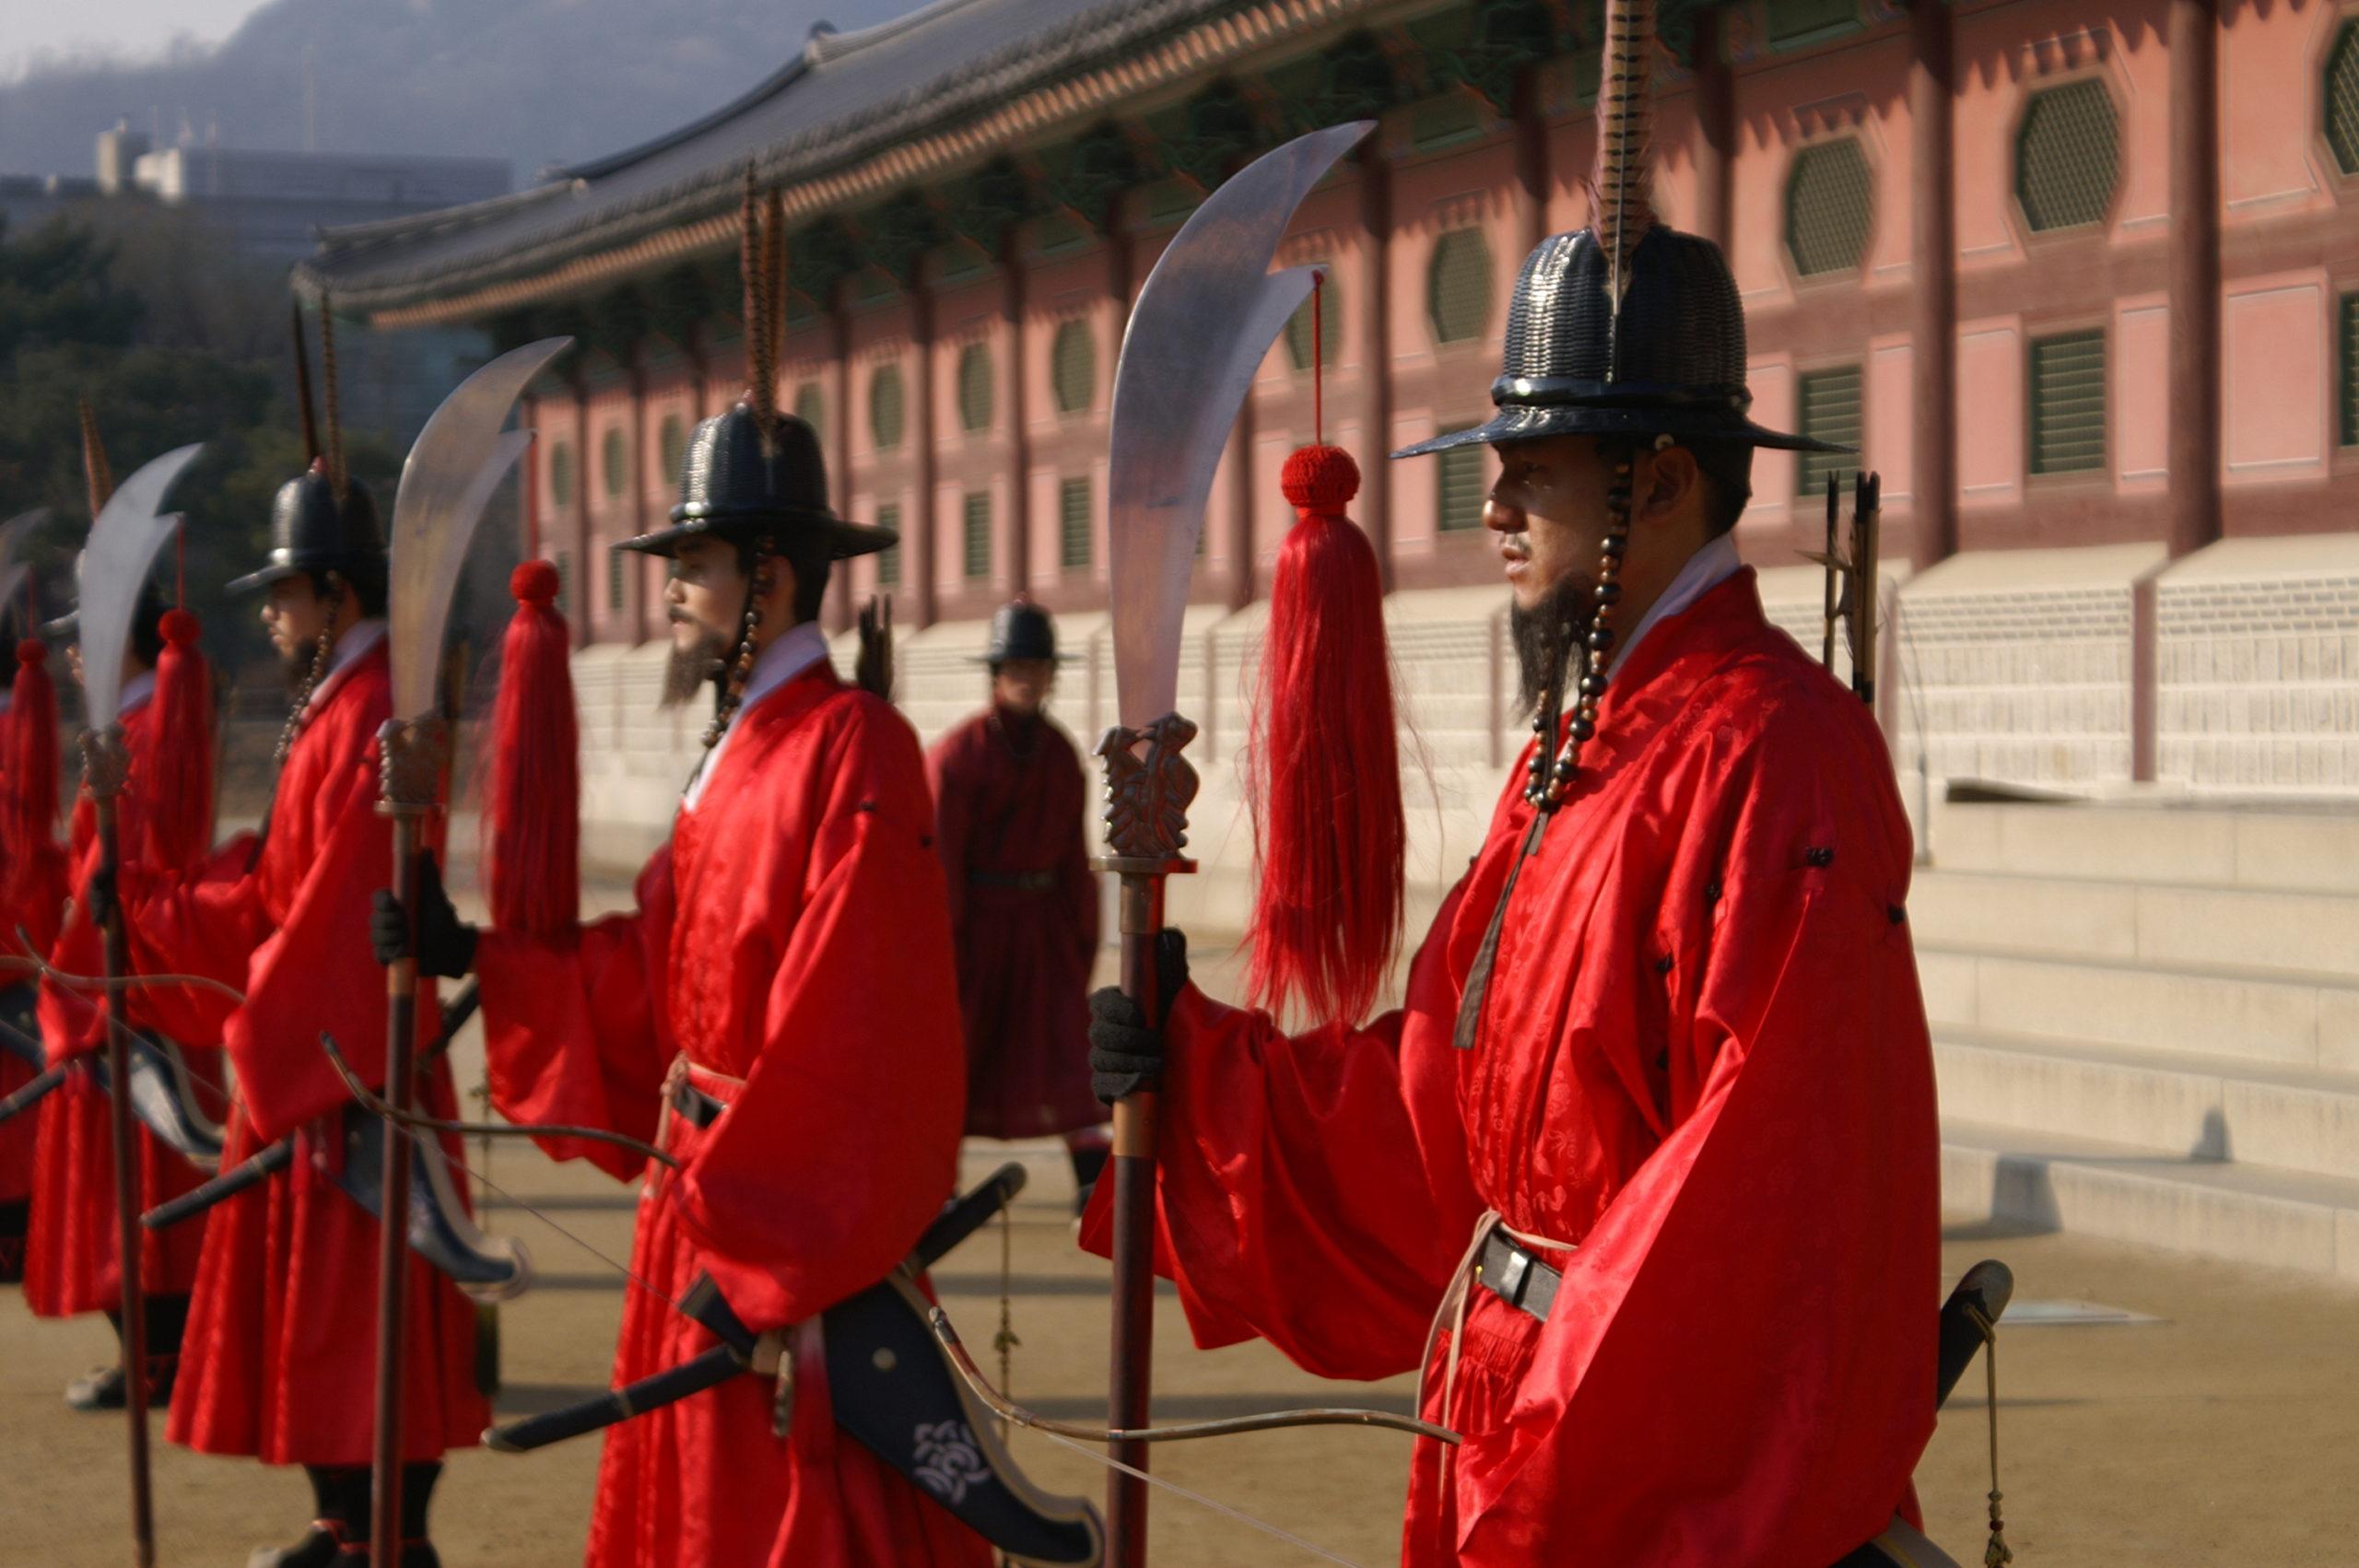 Guards at Gyeongbok